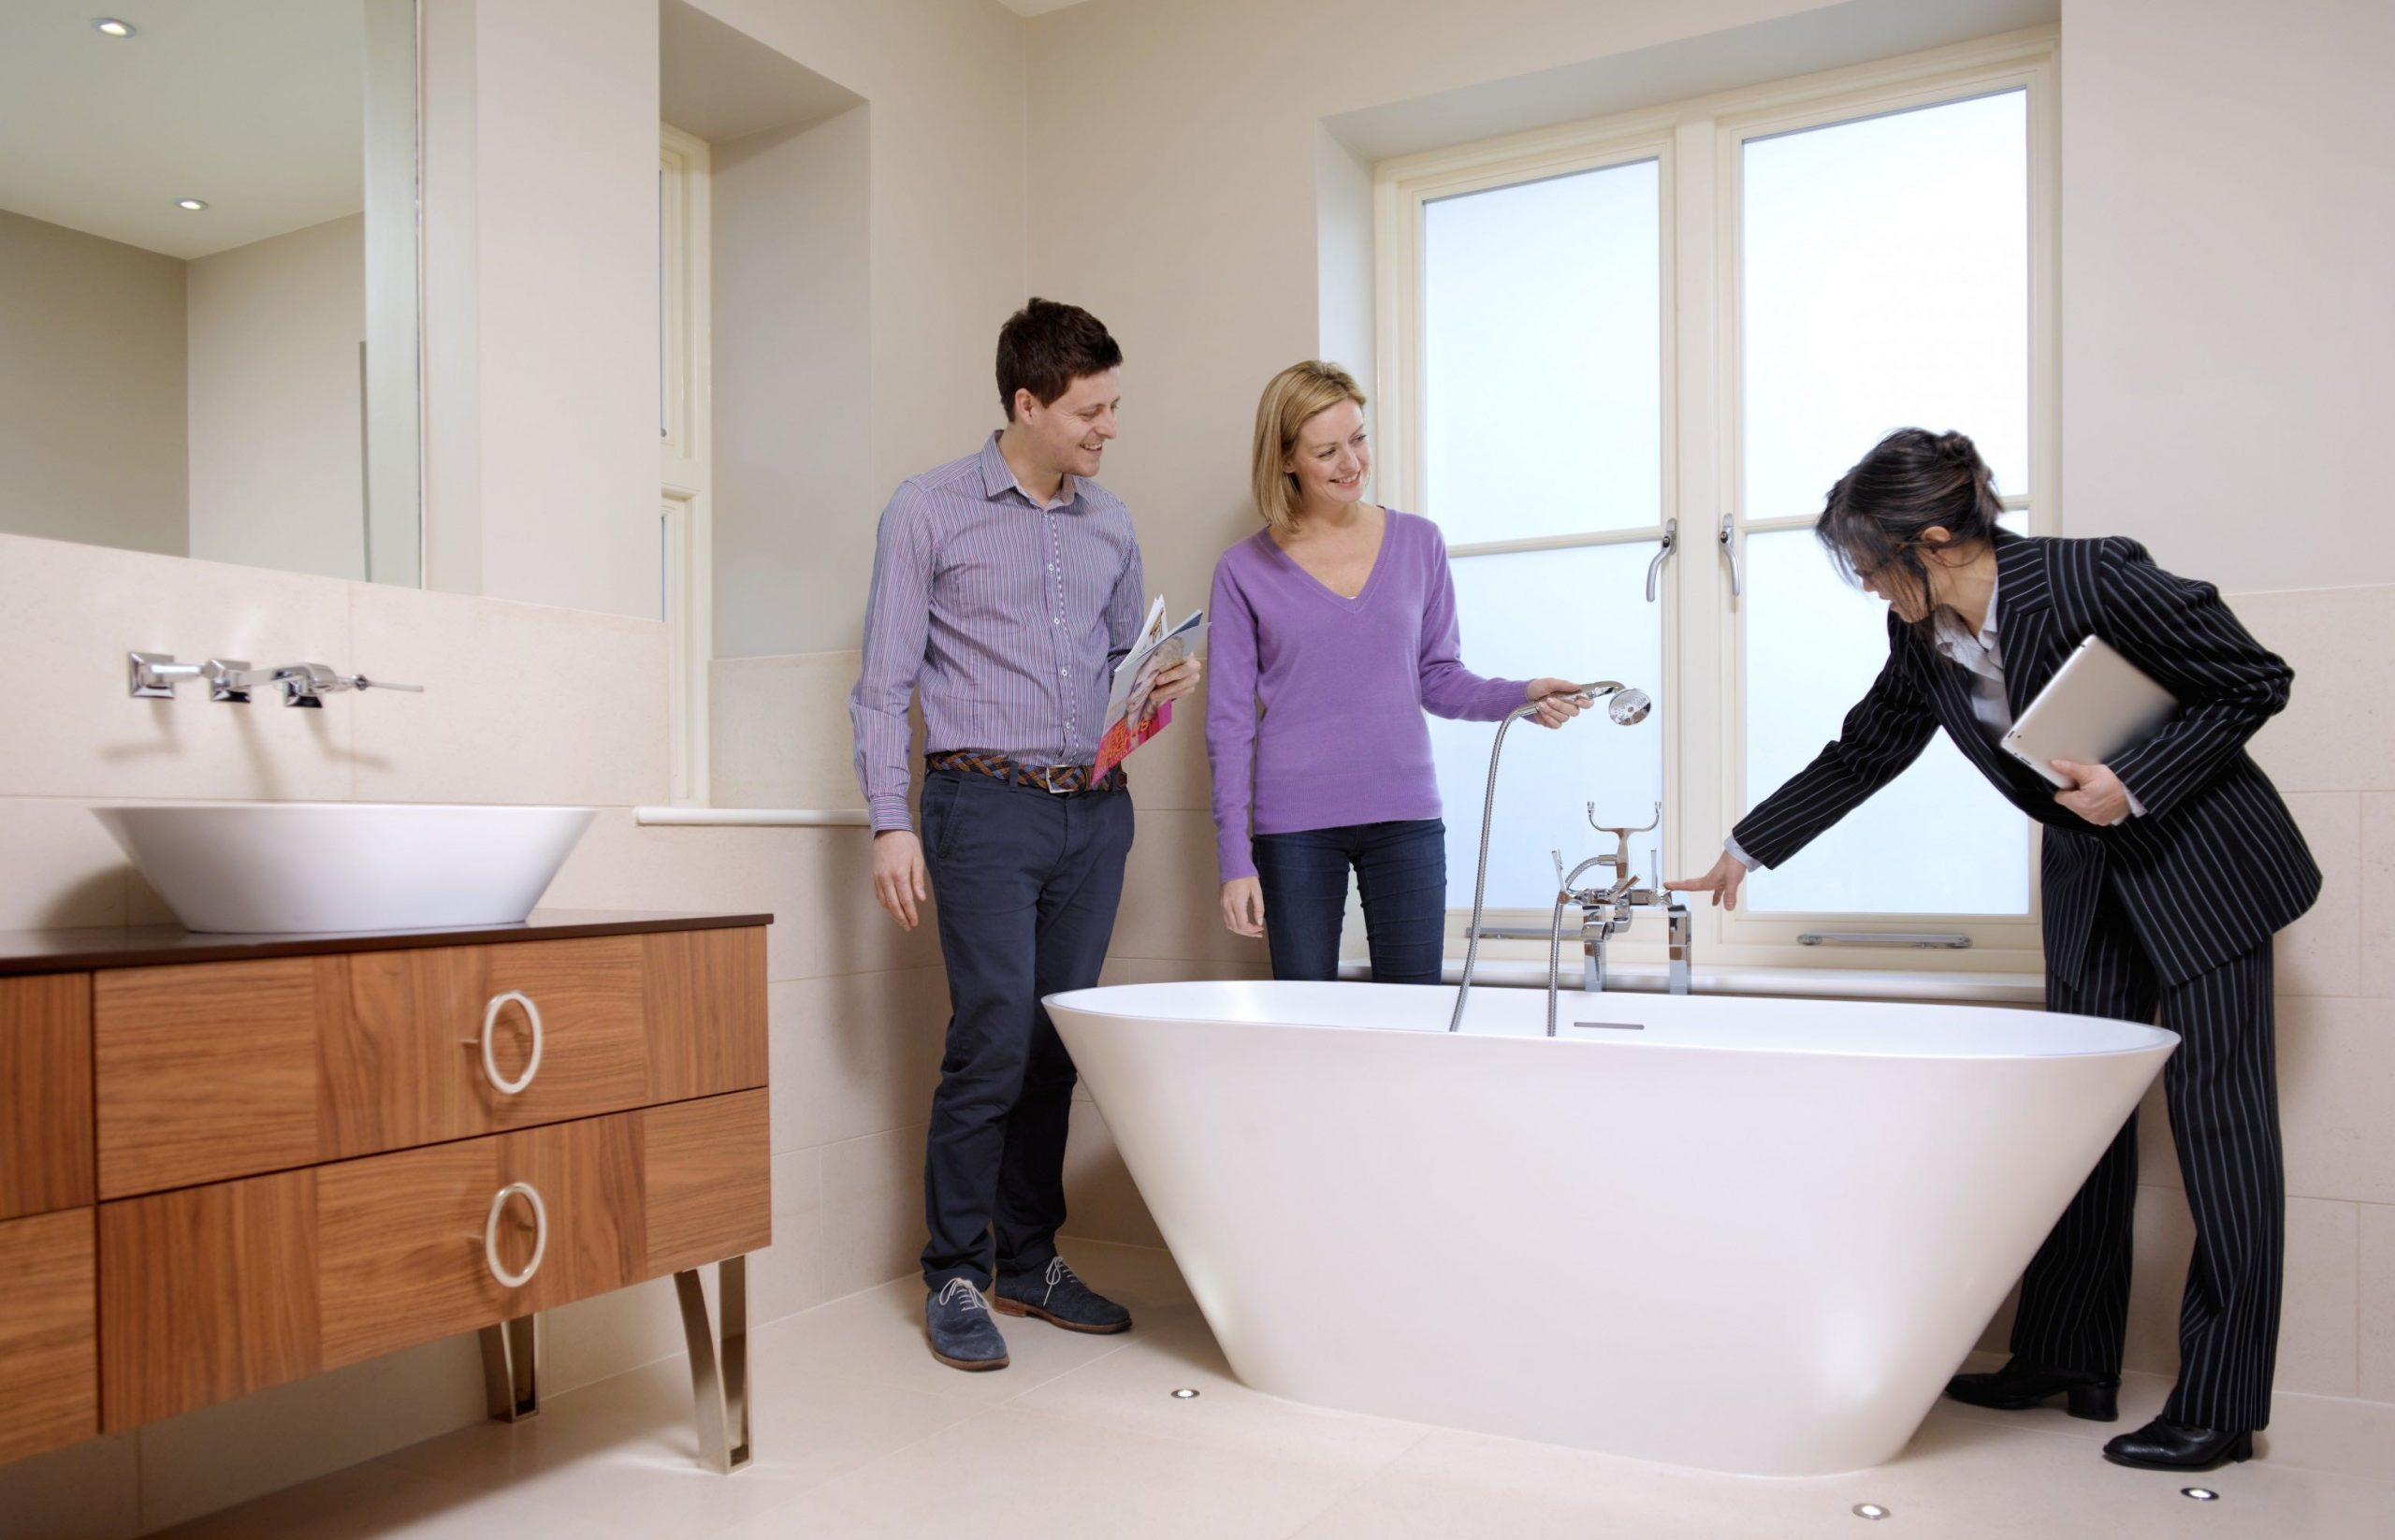 Clientes interessados em comprar imóveis